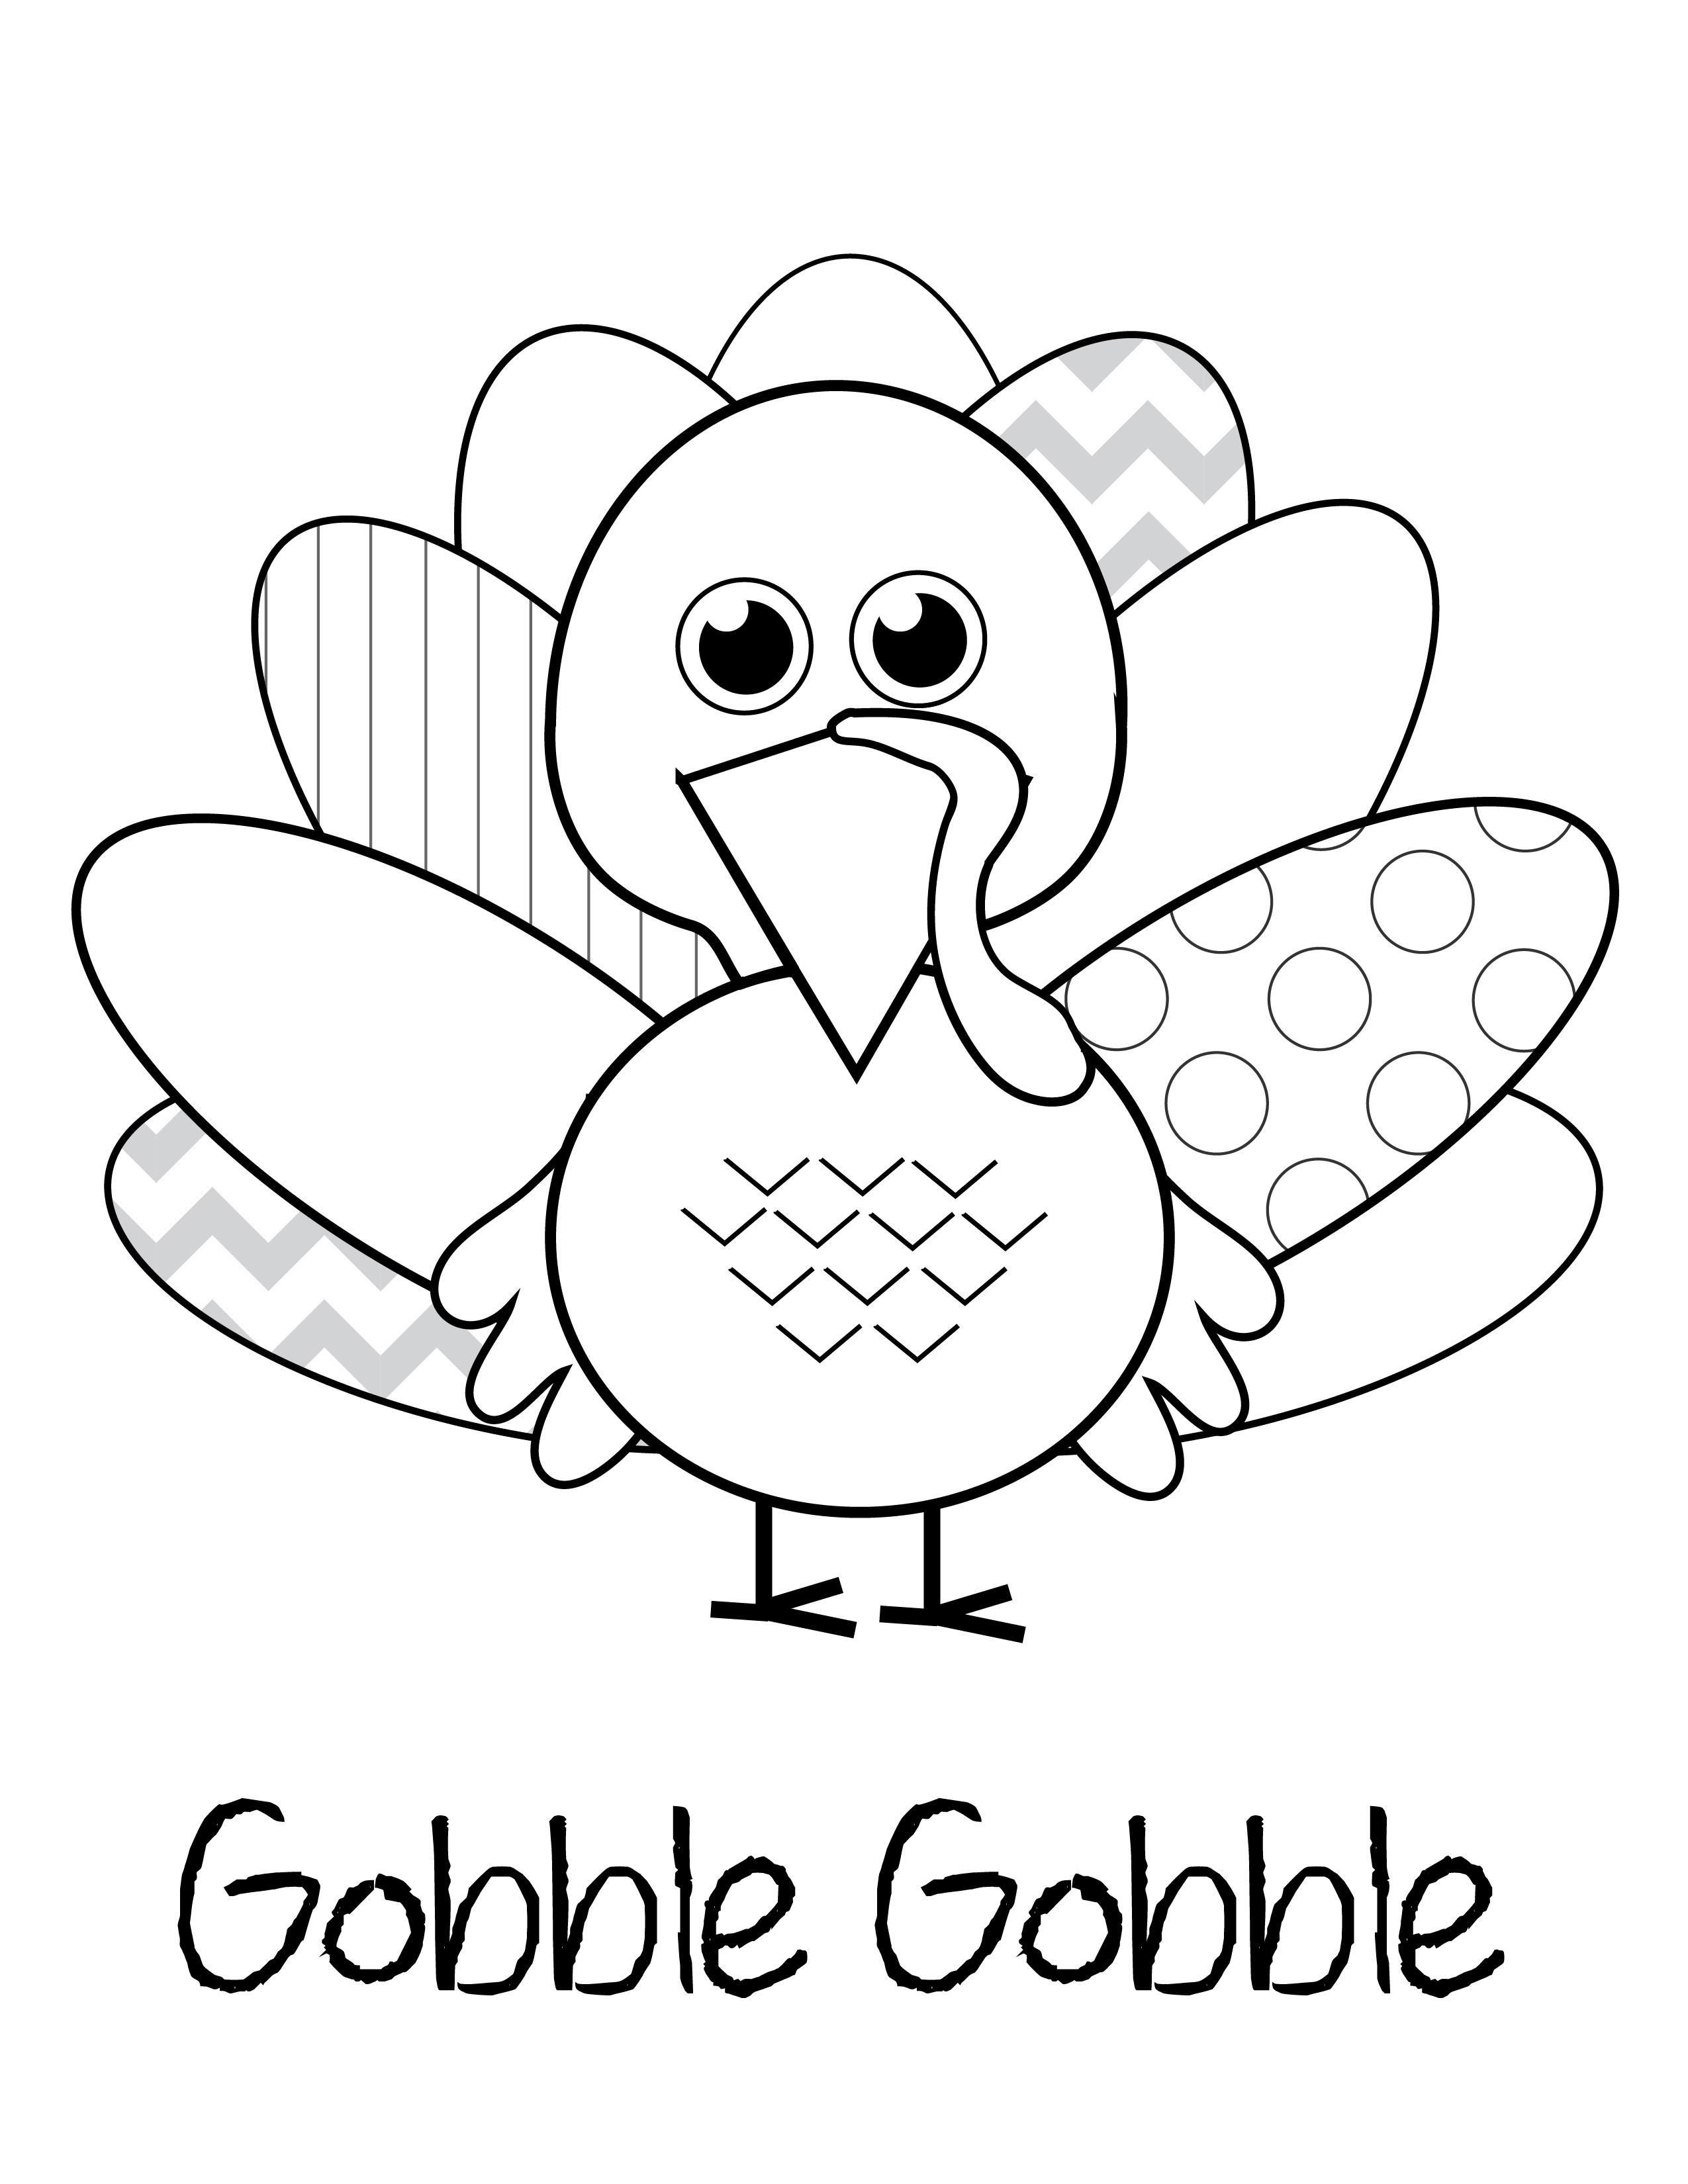 Free Thanksgiving Printables | Kids Thanksgiving Ideas - Free Thanksgiving Printables